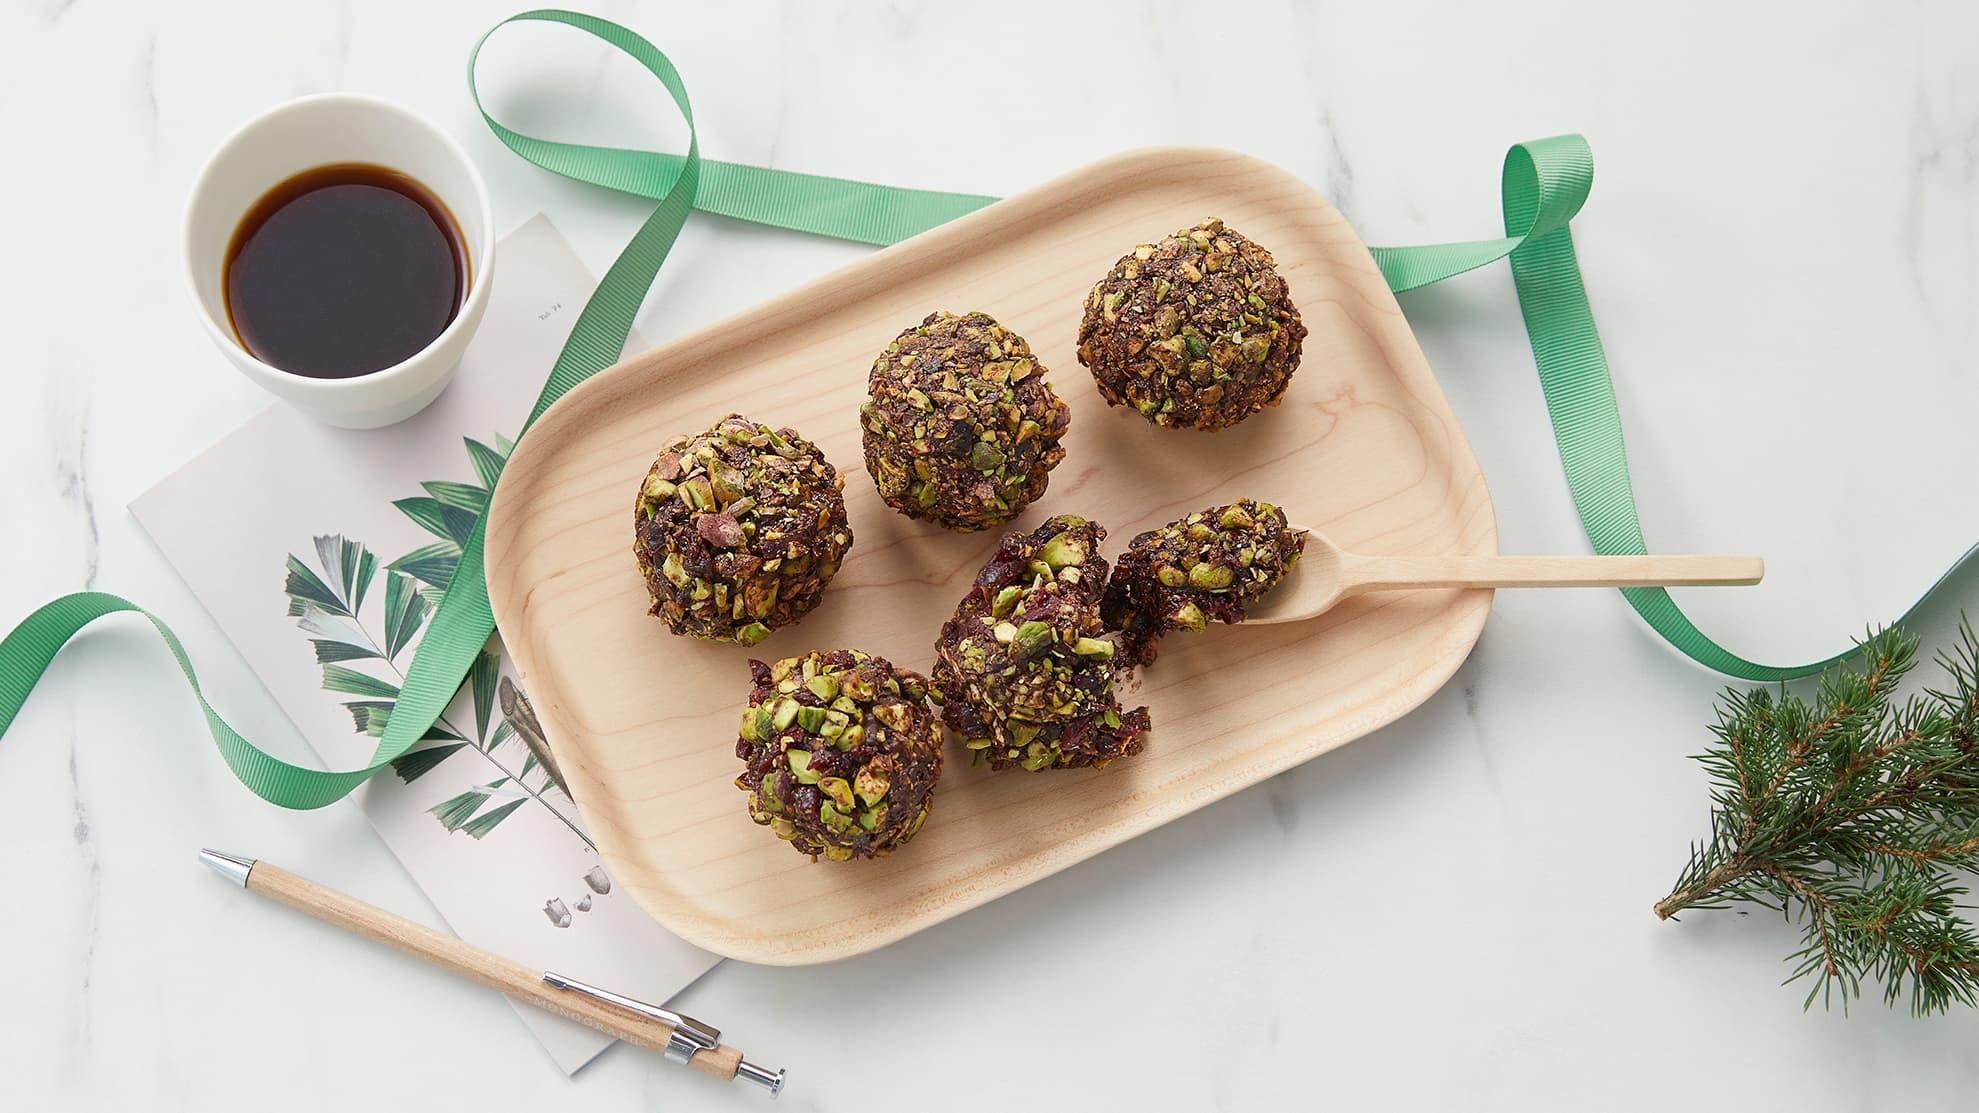 daddelkonfekt med mørk sjokolade og pistasjnøtter